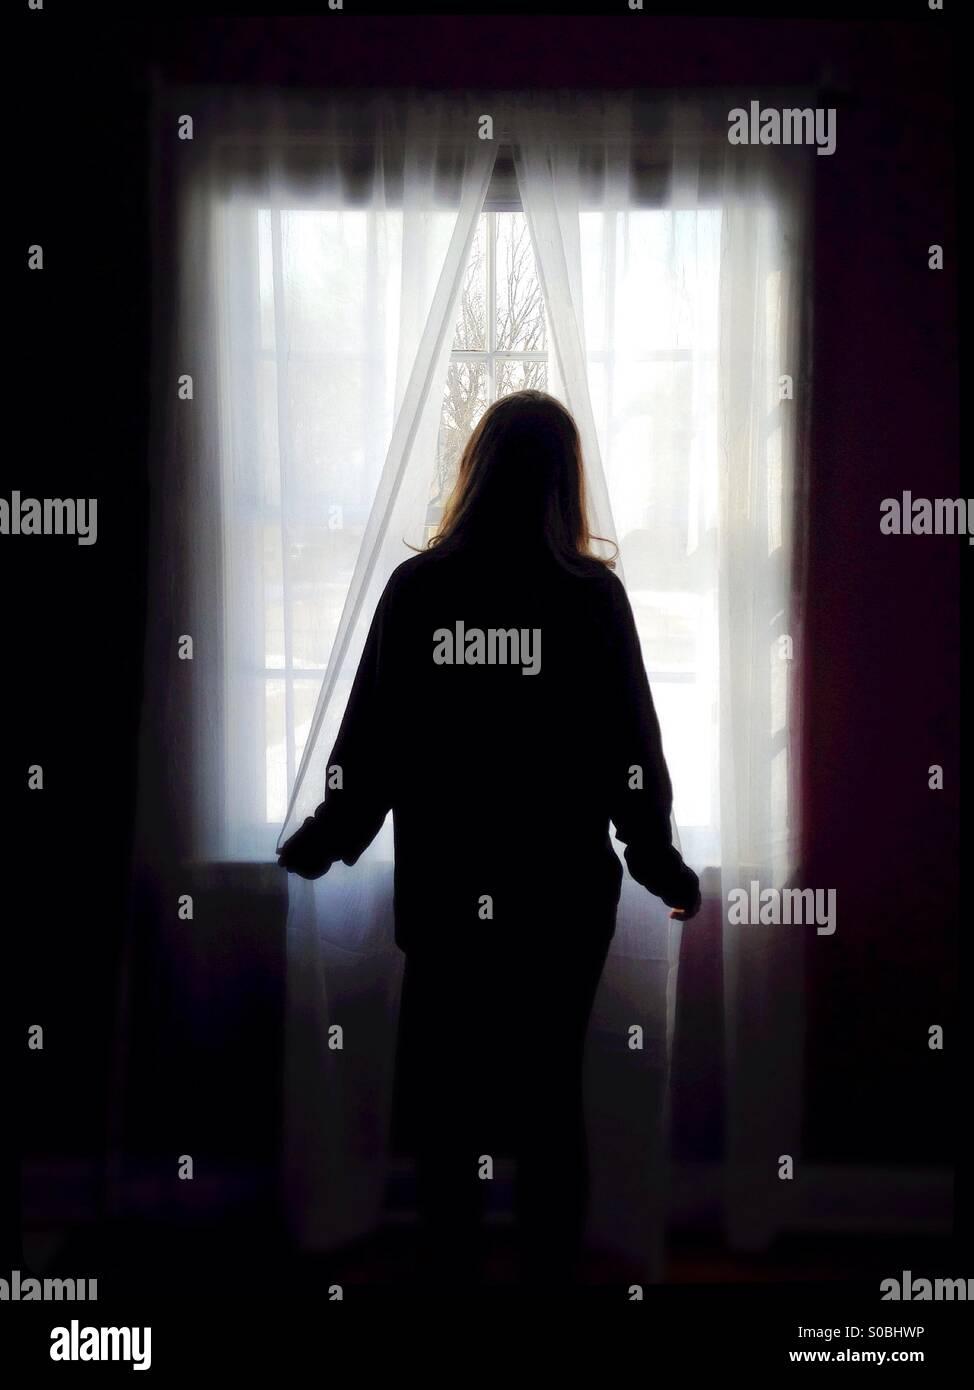 Una donna in piedi ad una finestra, guardando fuori. Immagini Stock